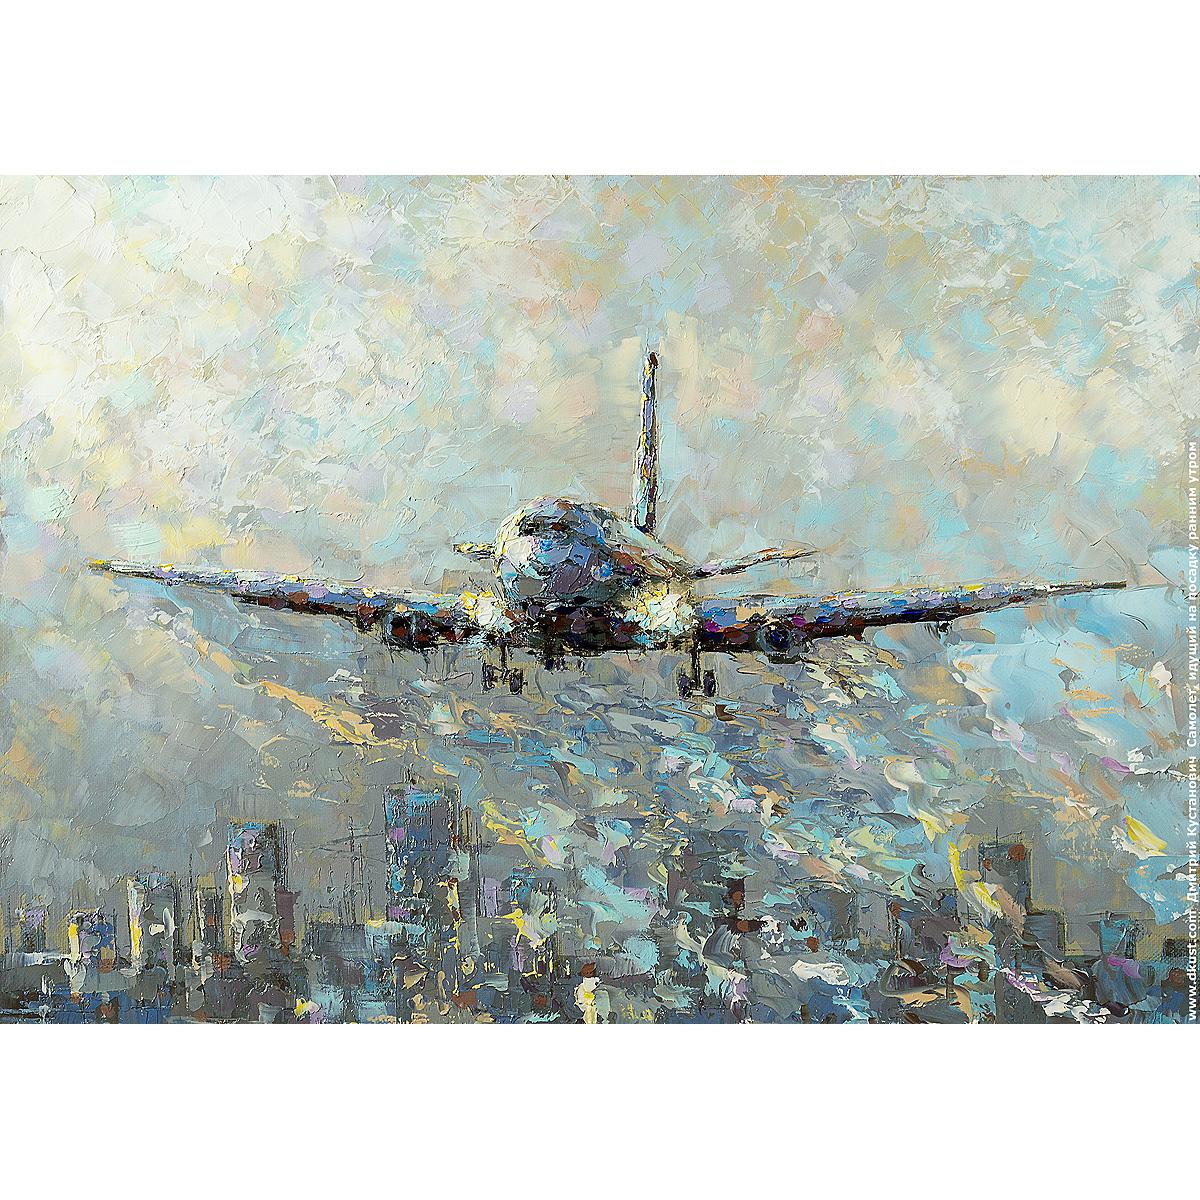 Репродукция по картине Дмитрия Кустановича «Самолет, идущий на посадку ранним утром»